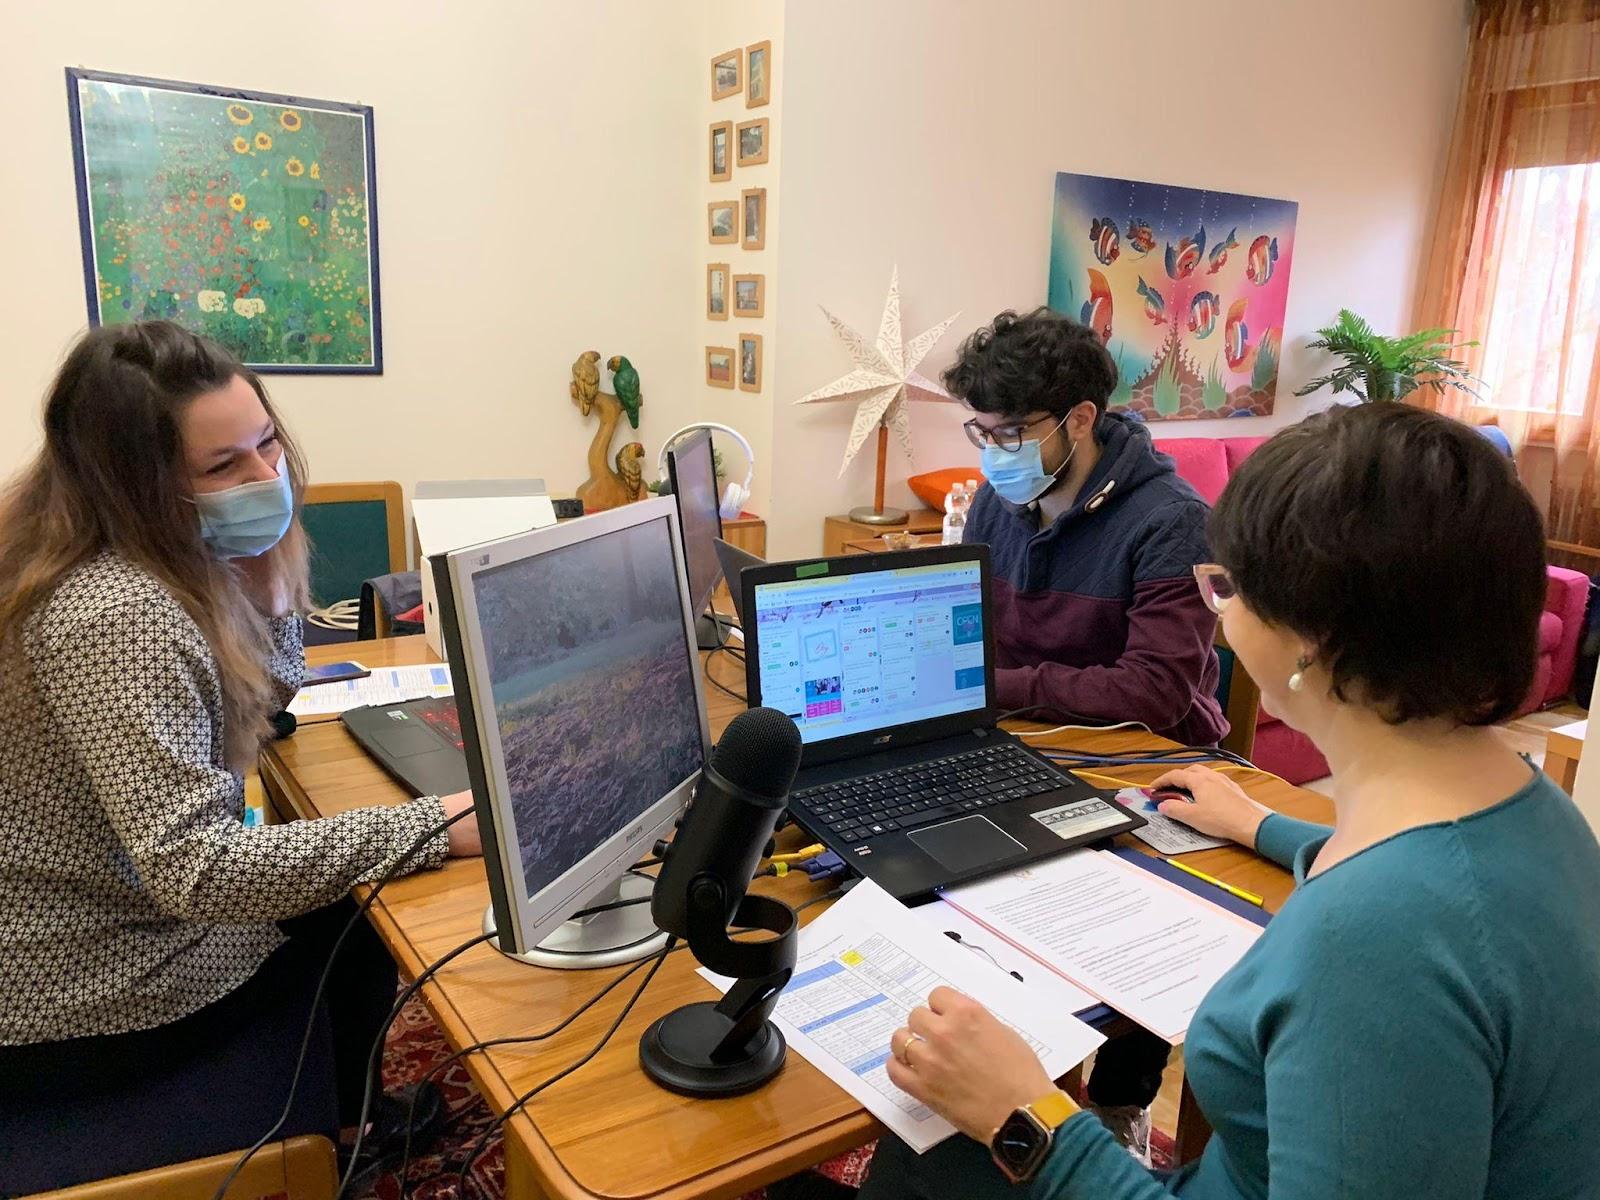 Immagine che contiene testo, computer, scrivania  Descrizione generata automaticamente